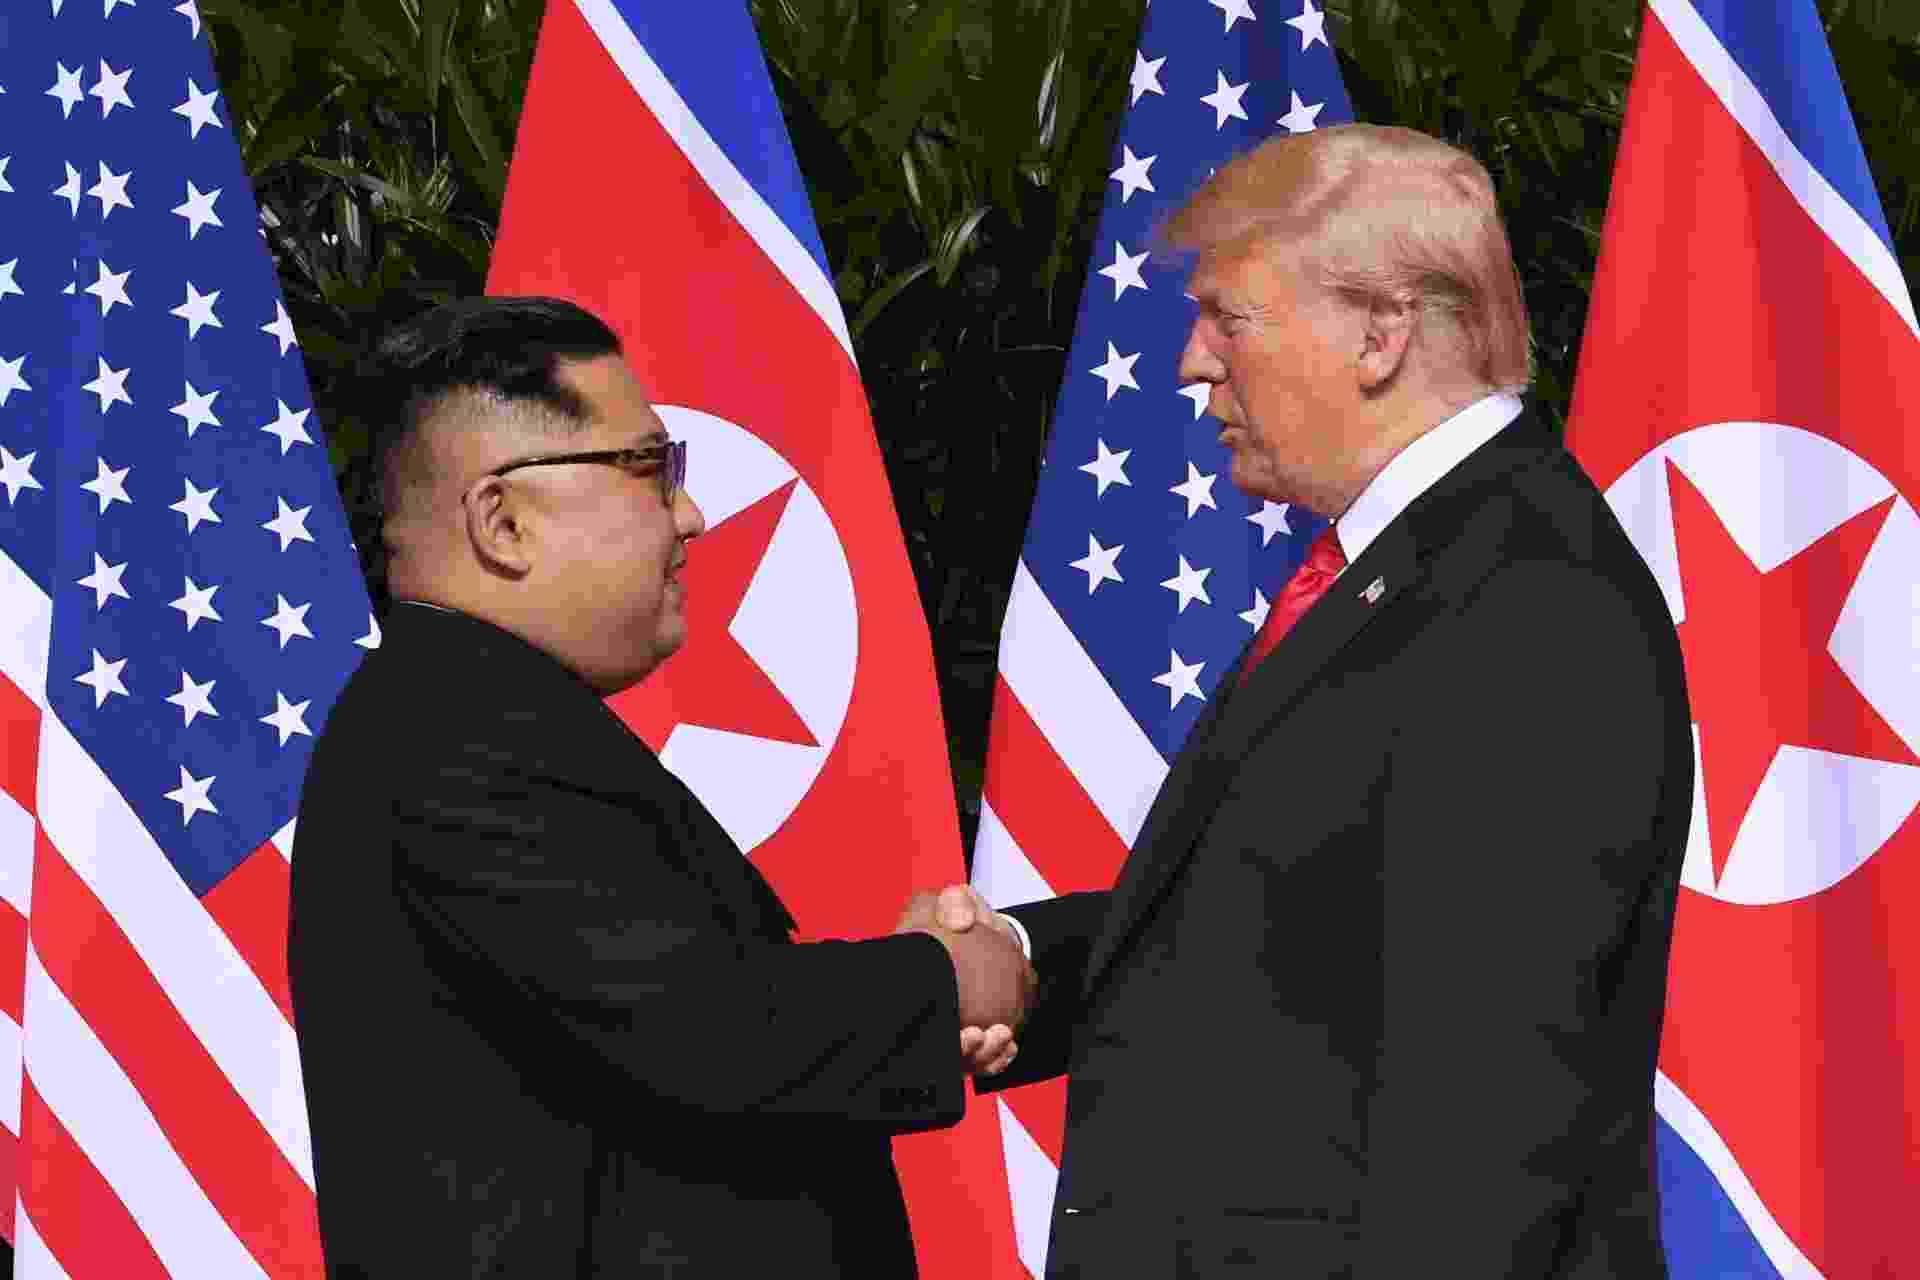 11.jun.2018 - Donald Trump e Kim Jong-un se cumprimentam com um aperto de mão em encontro histórico após décadas de tensões provocadas pelas ambições nucleares de Pyongyang - Saul Loeb/AFP